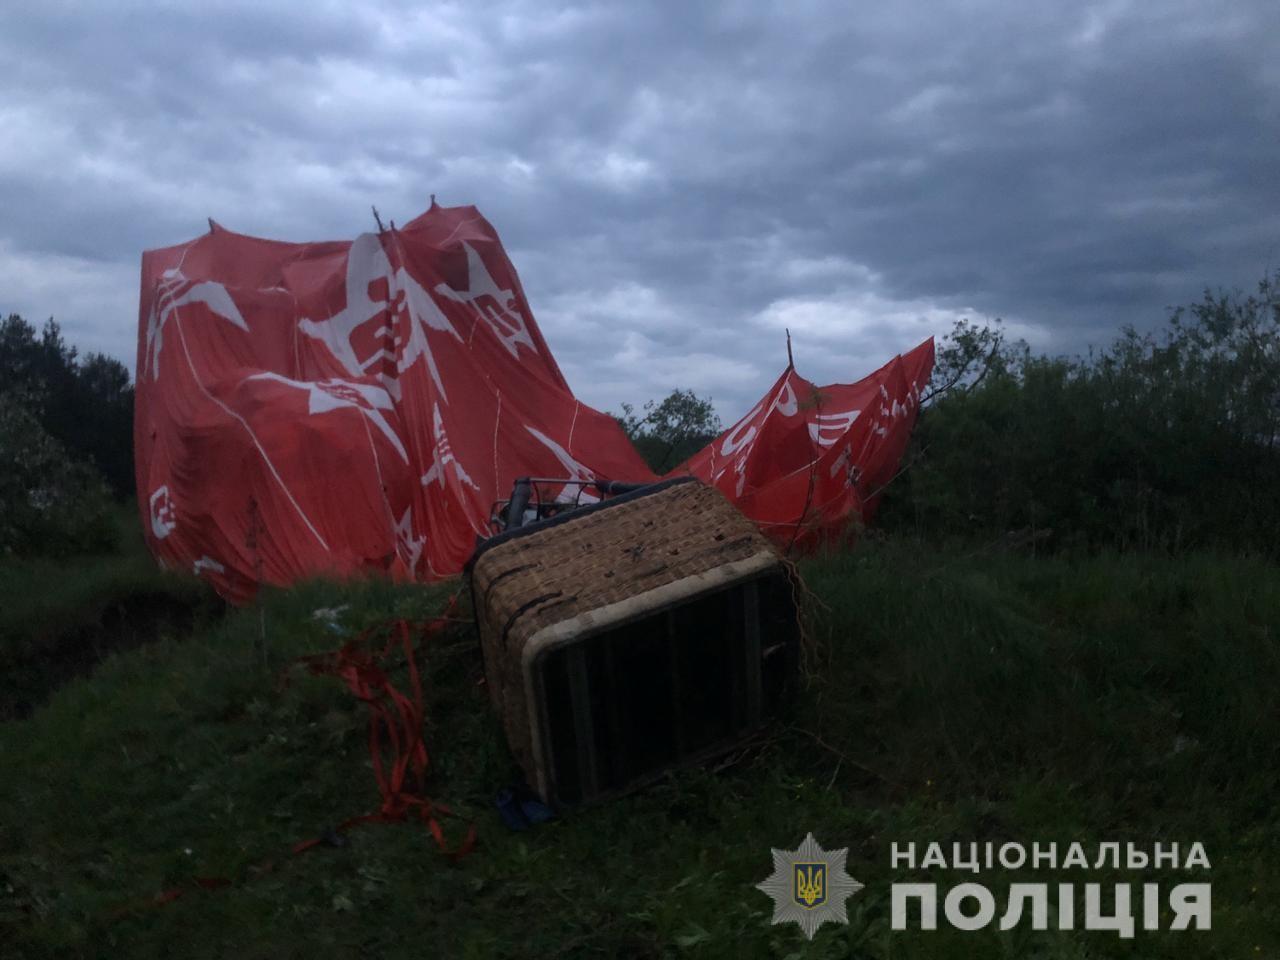 Трагедия с воздушным шаром в Каменец-Подольском: люди молили о помощи и падали на кладбище